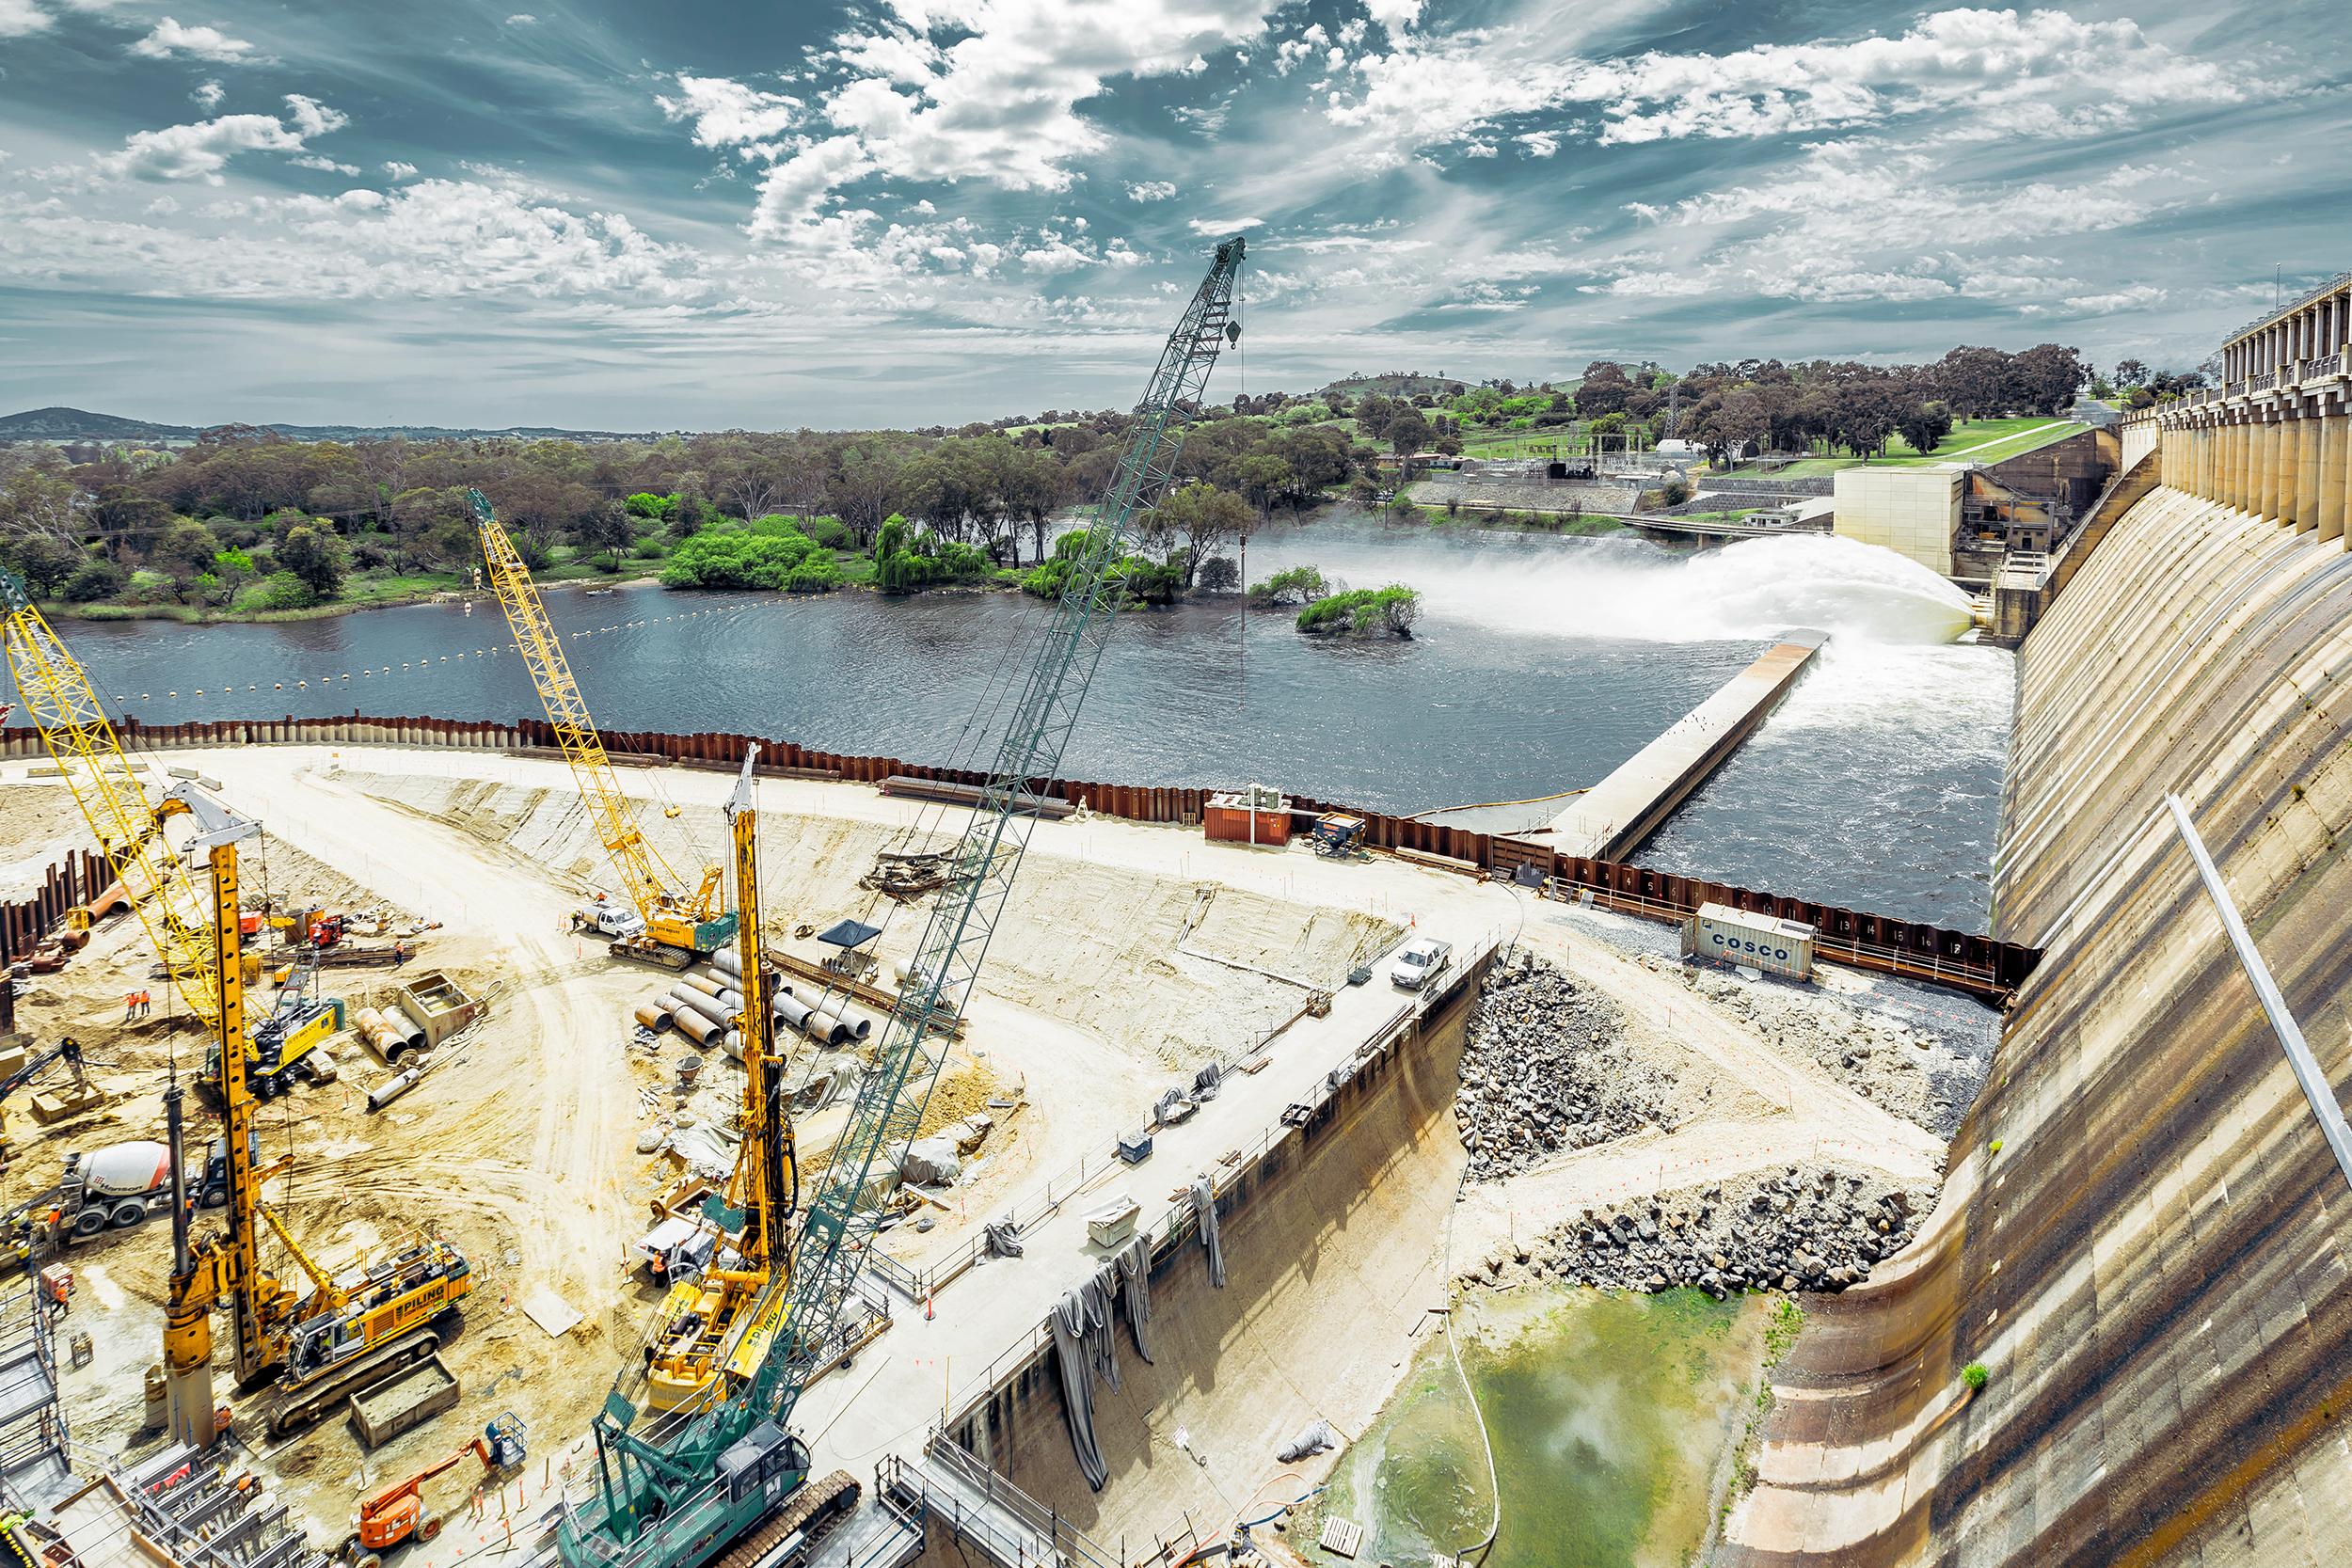 Hume_Dam#1.jpg